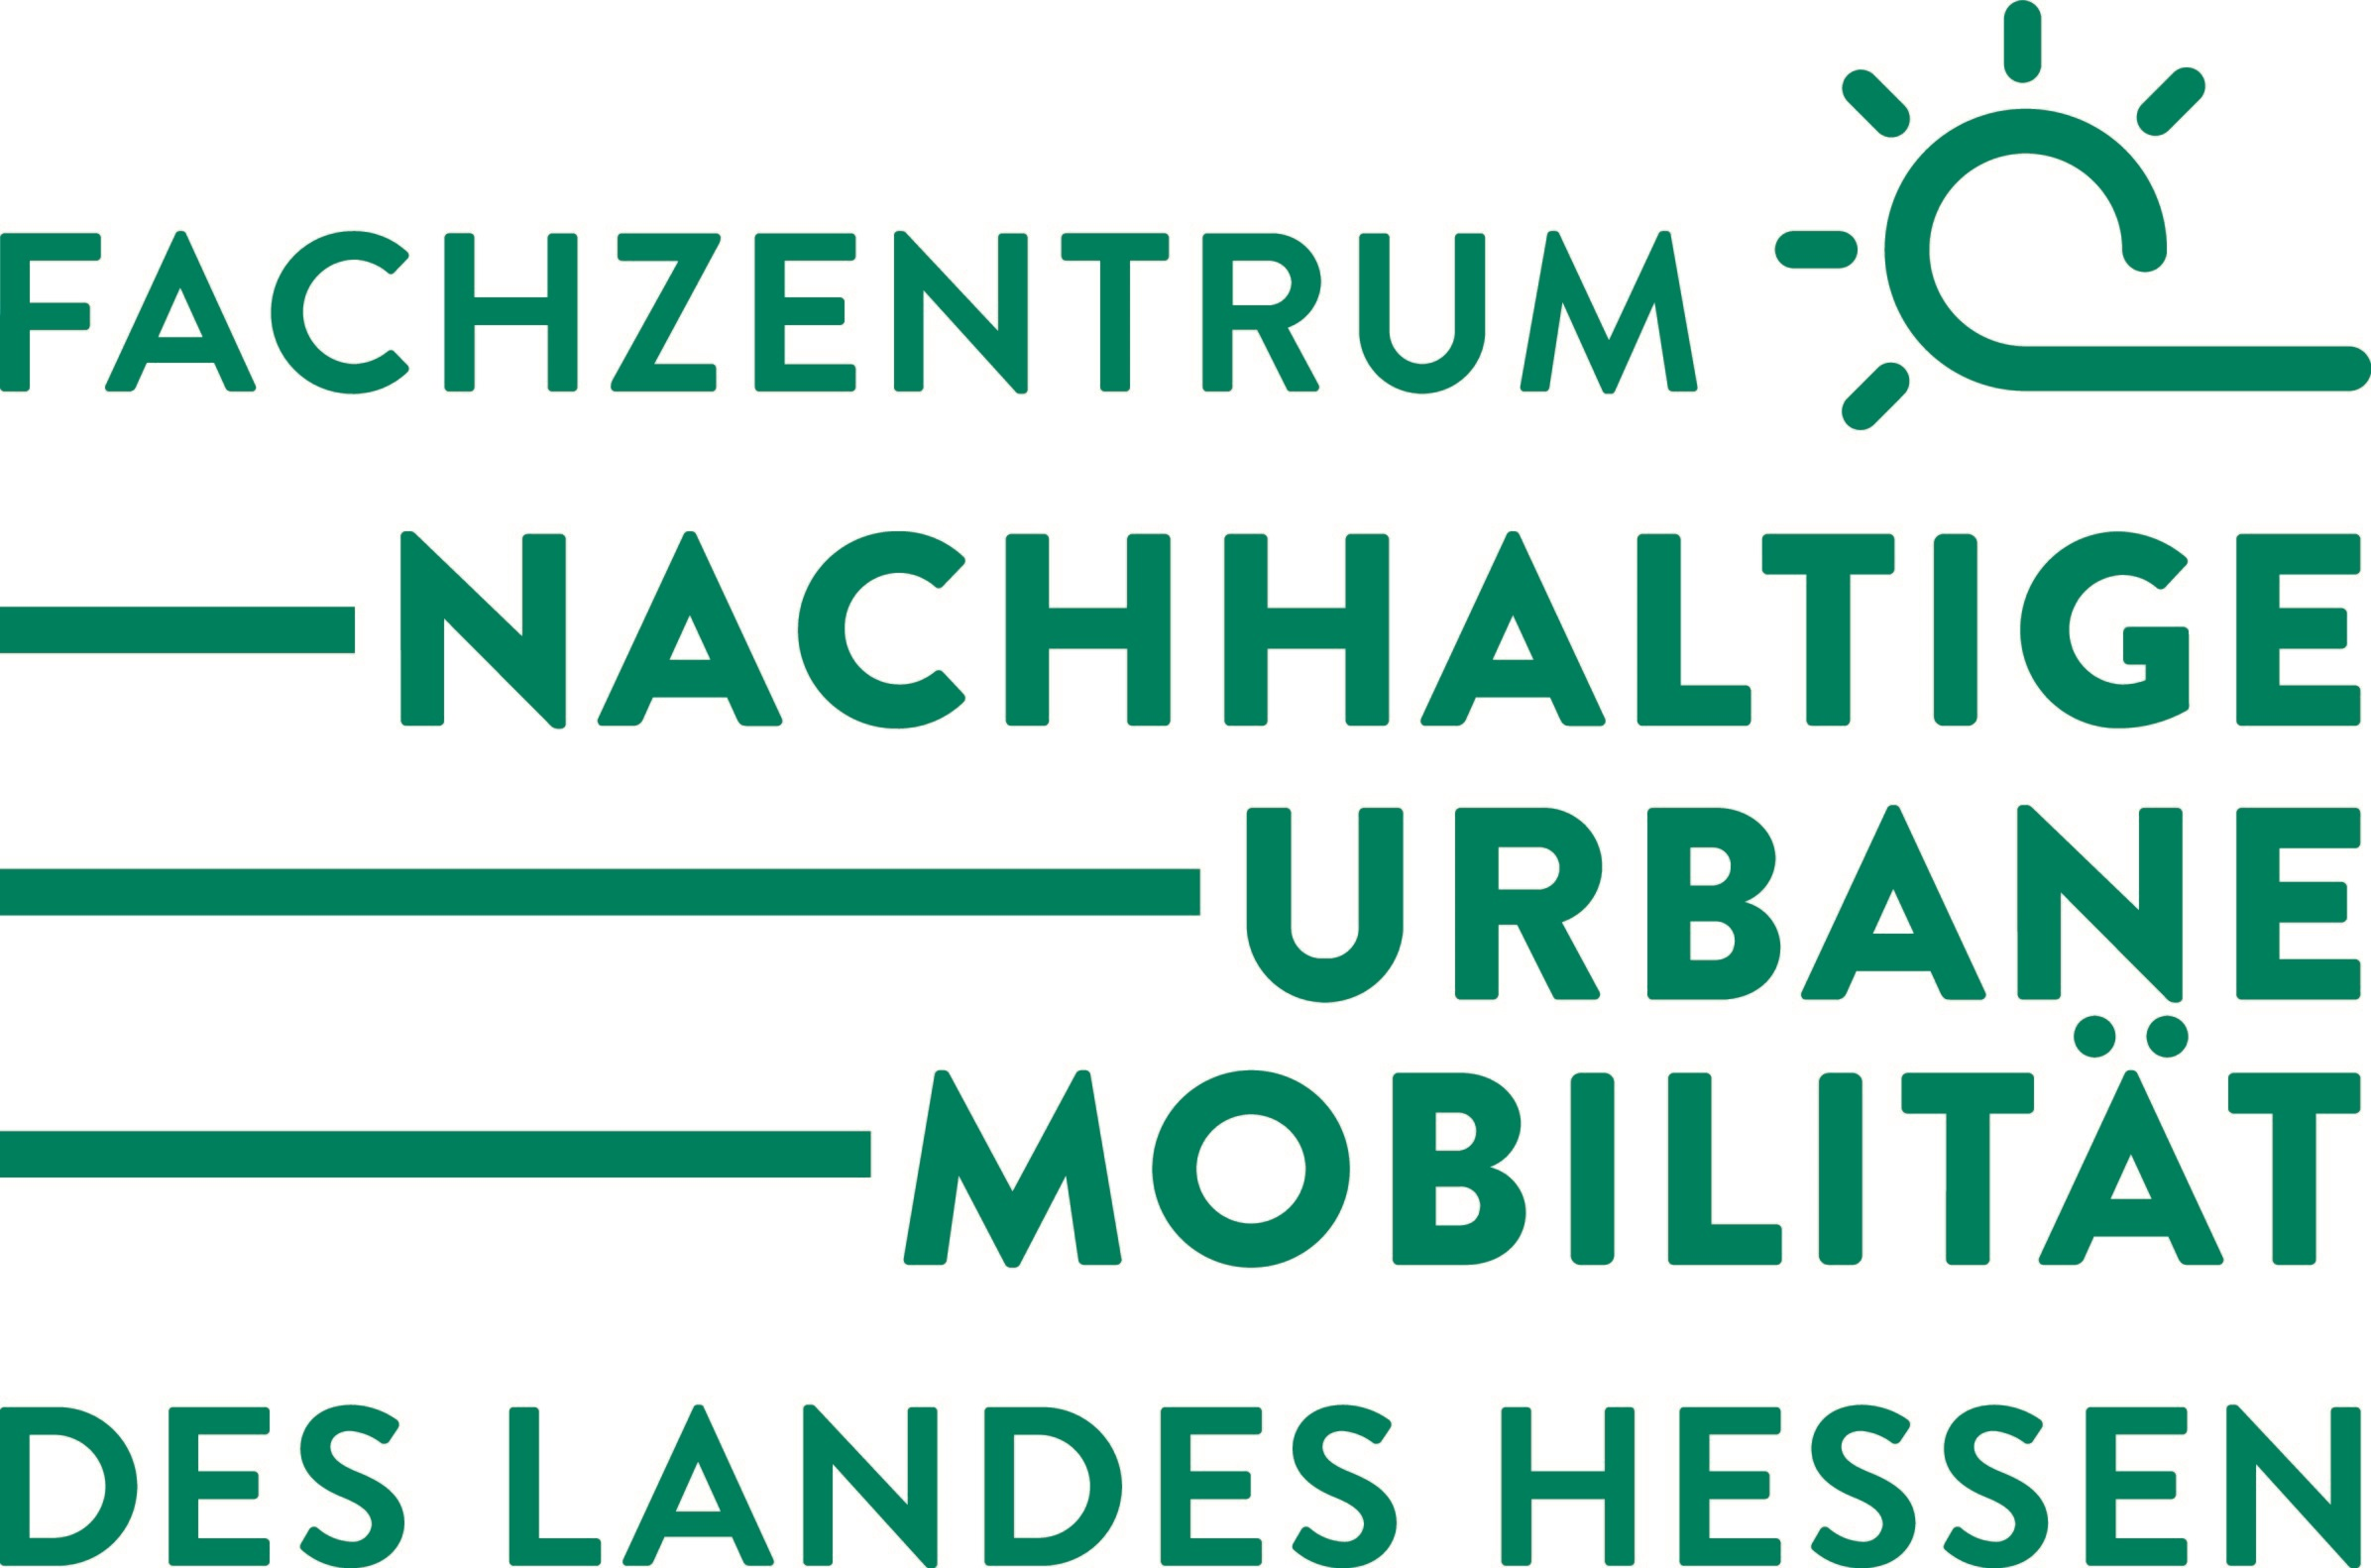 Fachzentrum nachhaltige urbane Mobilität